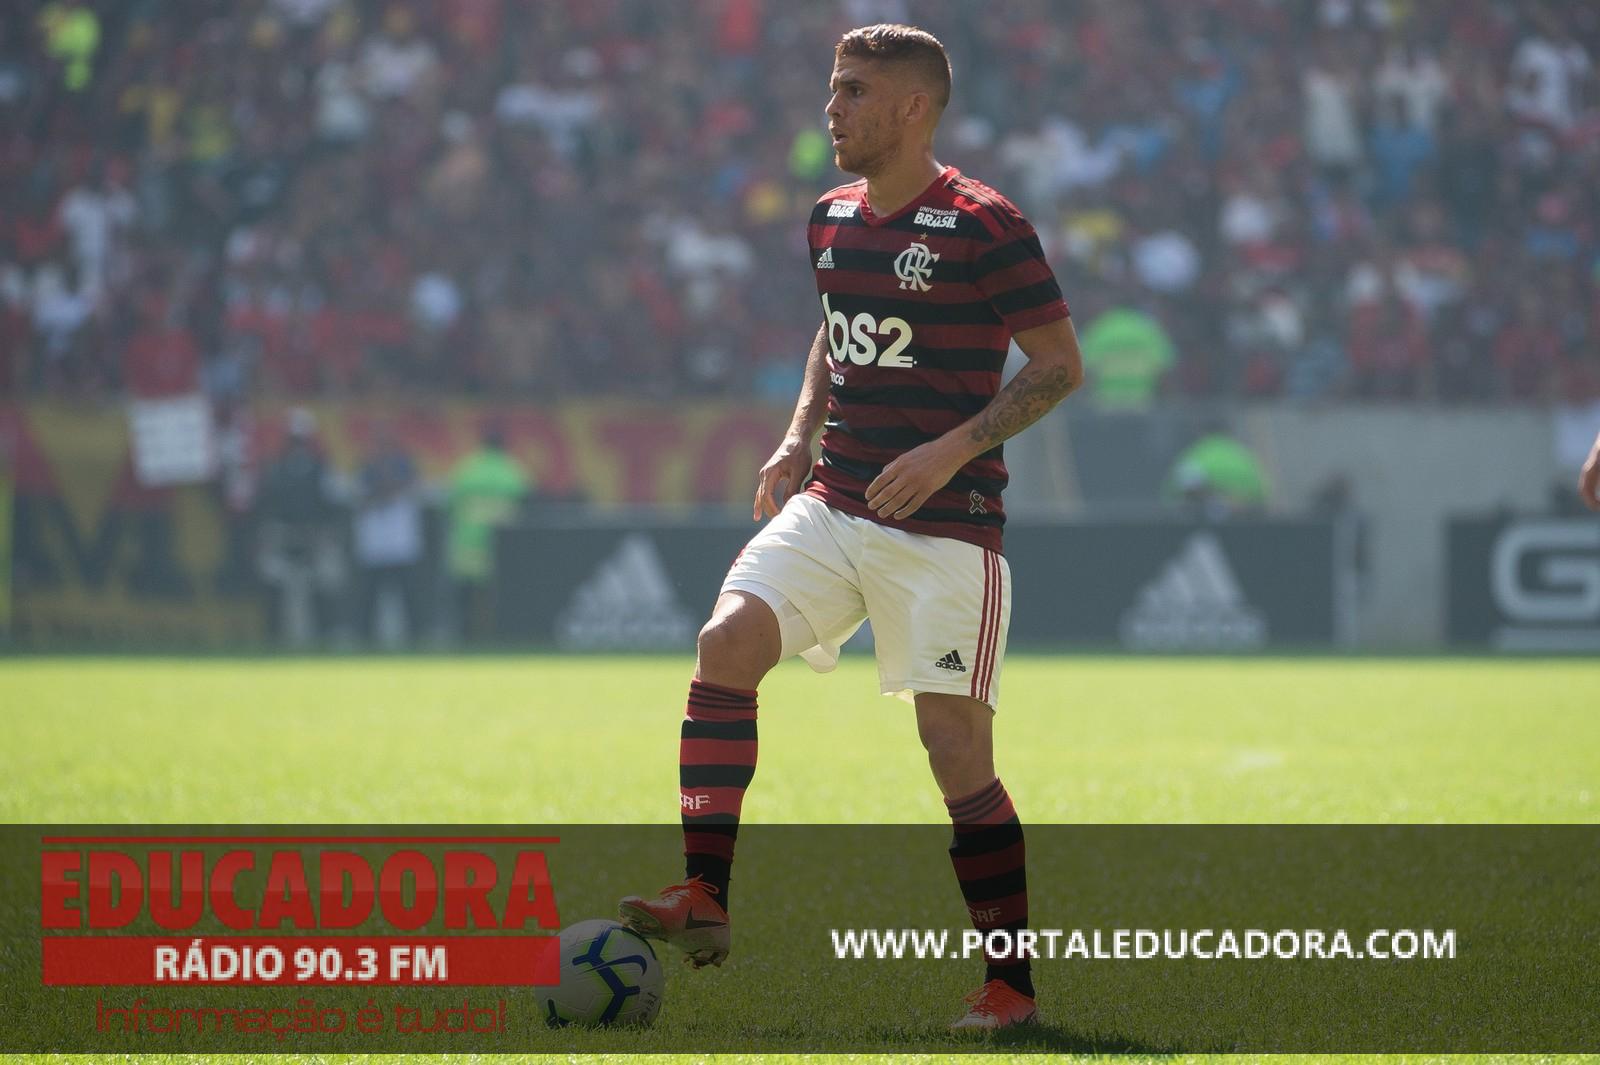 Tudo às claras: Flamengo acena readequação salarial, e Cuéllar mantém paciência na janela